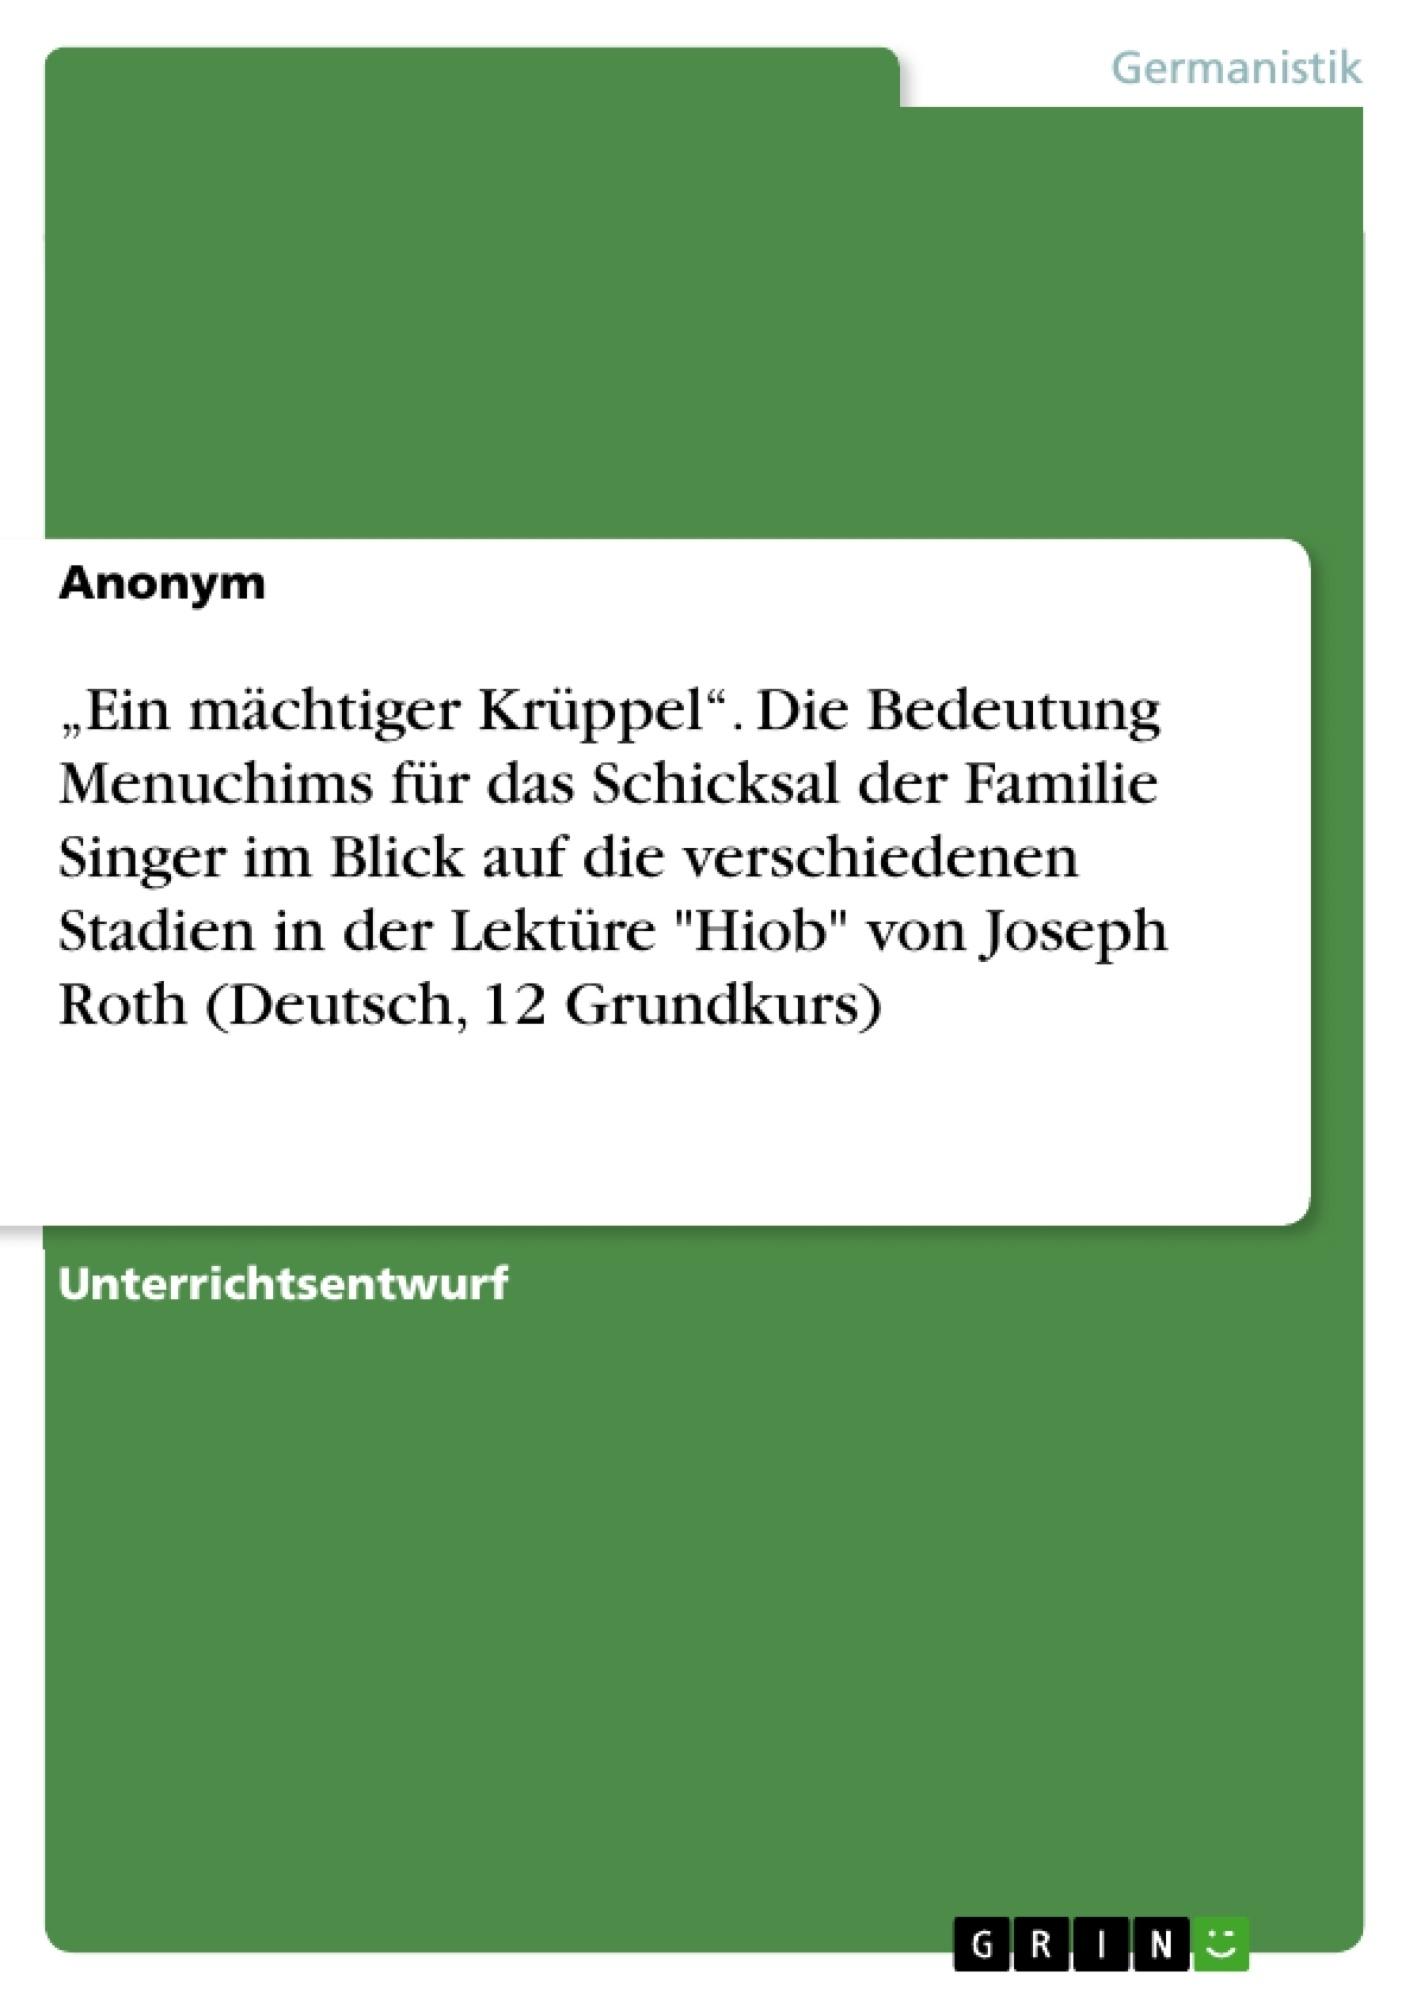 """Titel: """"Ein mächtiger Krüppel"""". Die Bedeutung Menuchims für das Schicksal der Familie Singer im Blick auf die verschiedenen Stadien in der Lektüre """"Hiob"""" von Joseph Roth (Deutsch, 12 Grundkurs)"""